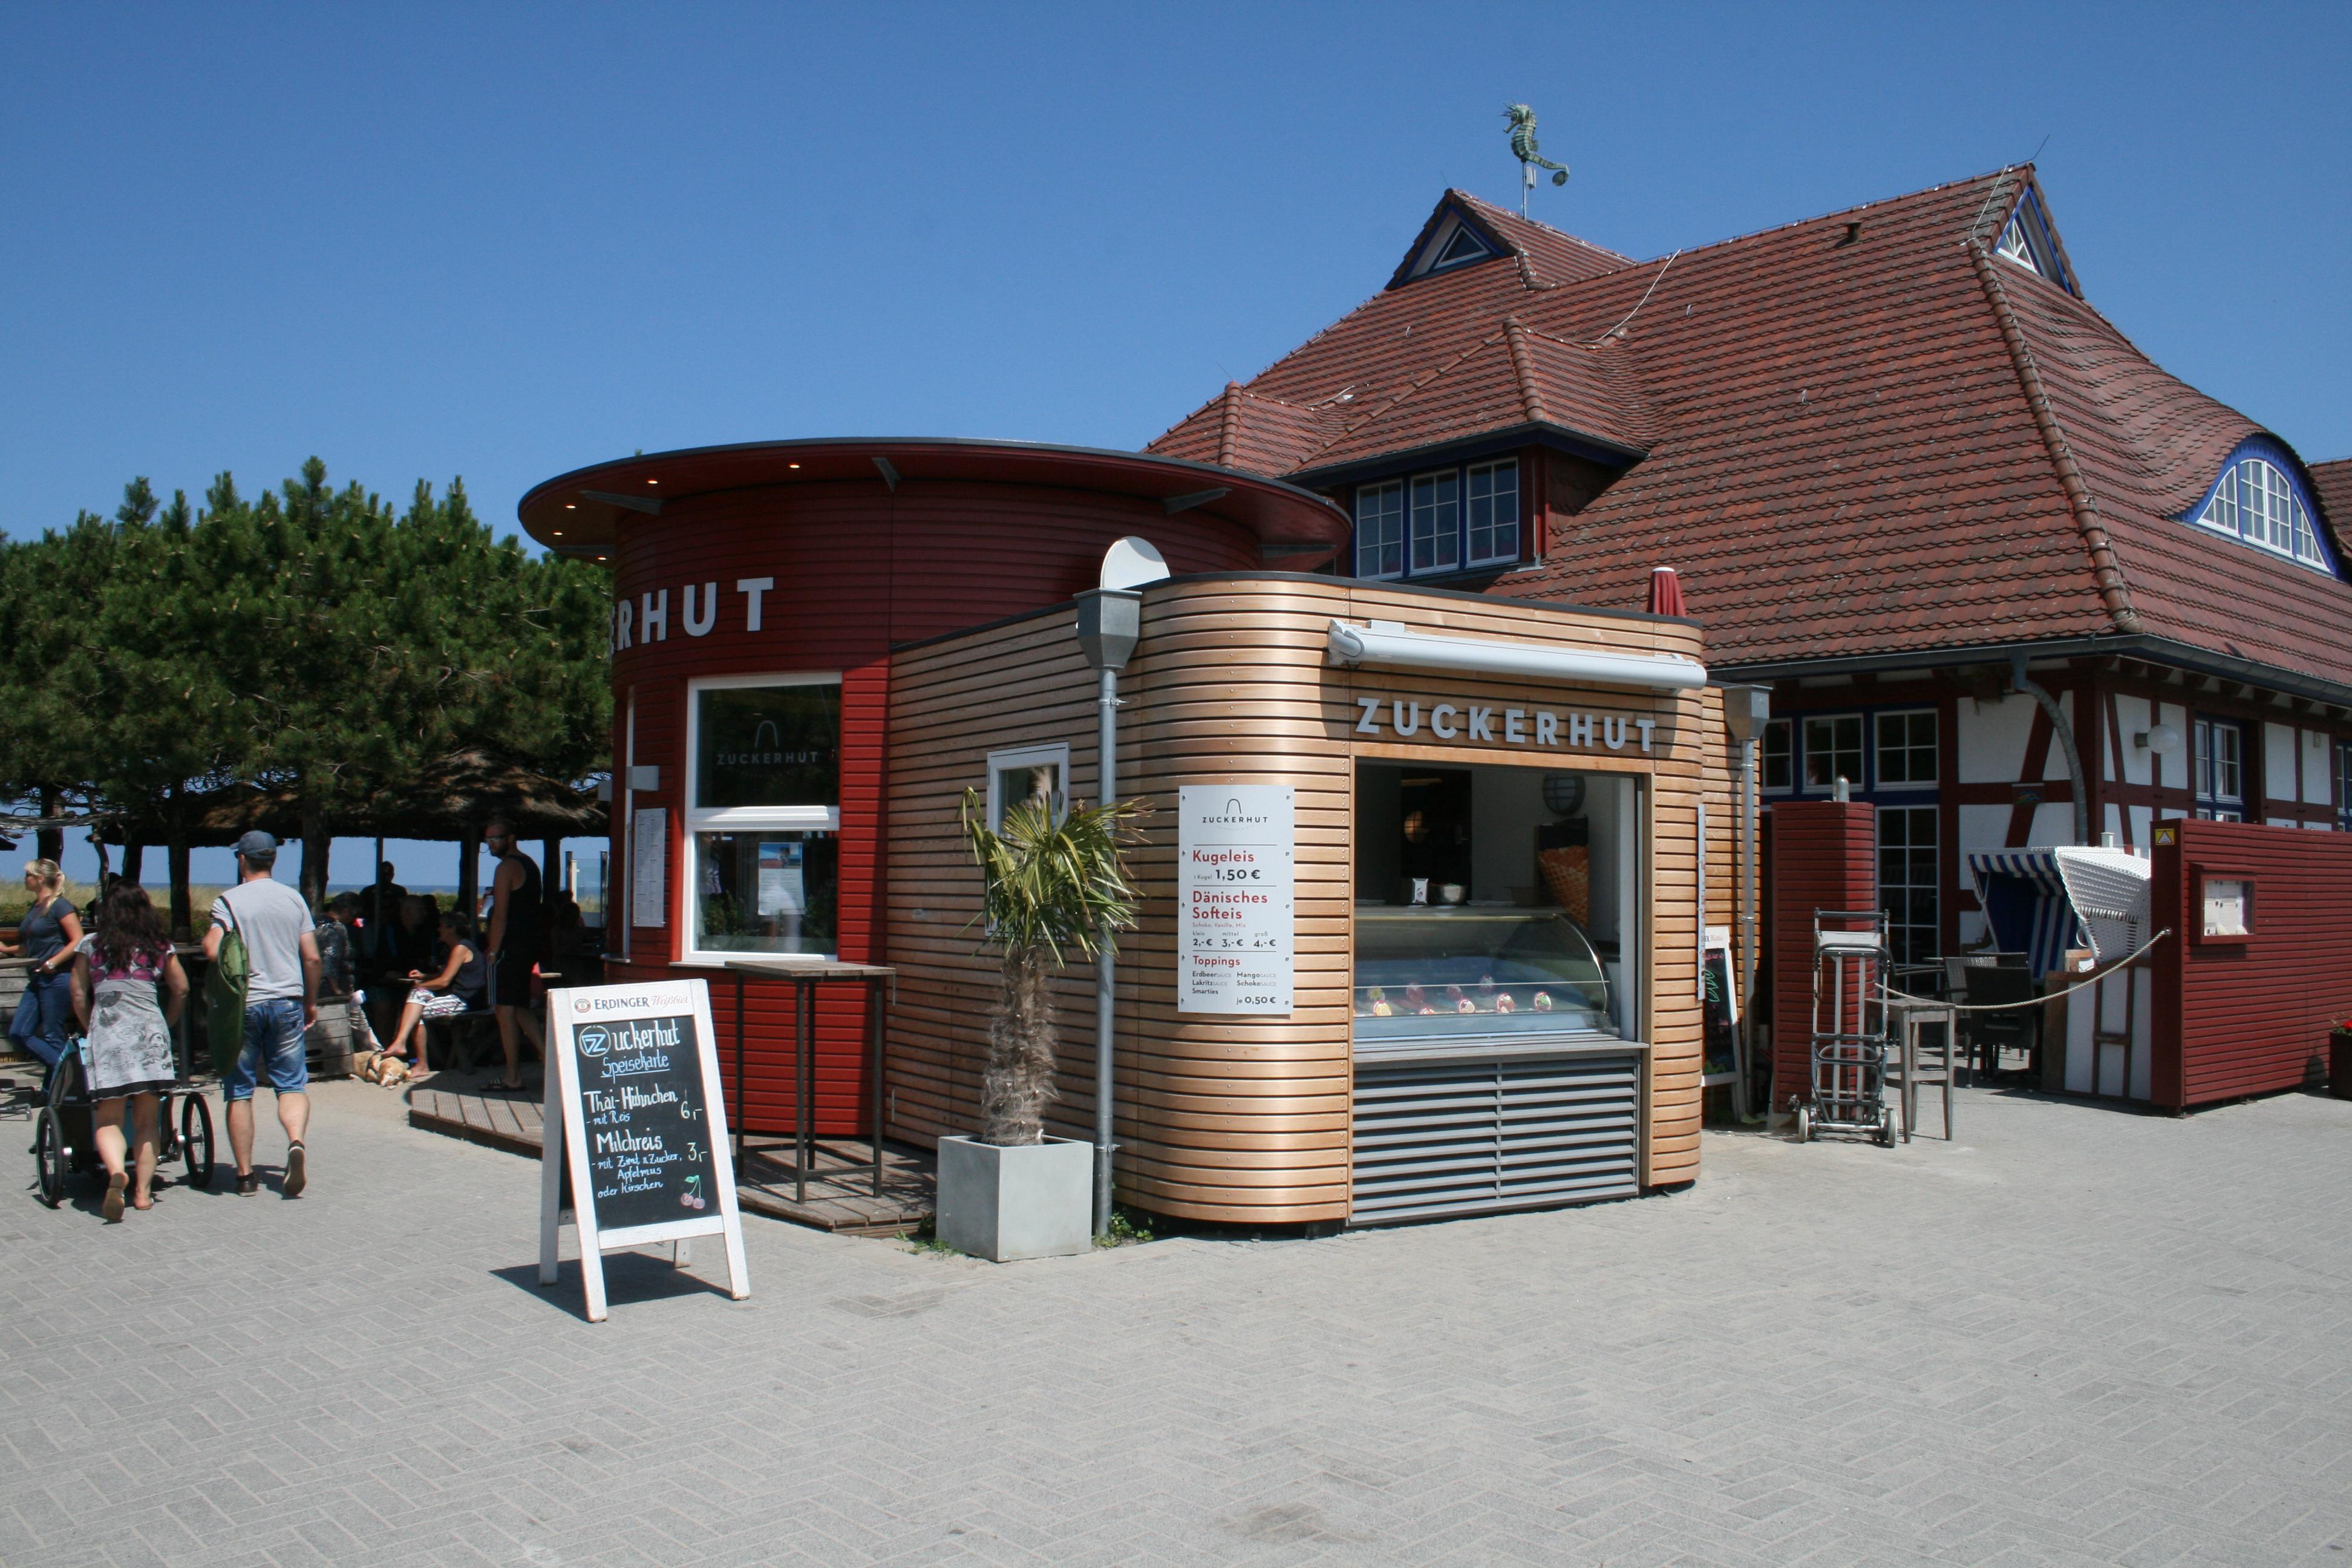 Auf dem Deich befindet sich der Zuckerhut, der die Strandbesucher zu jeder Jahreszeit mit Speis und Trank versorgt